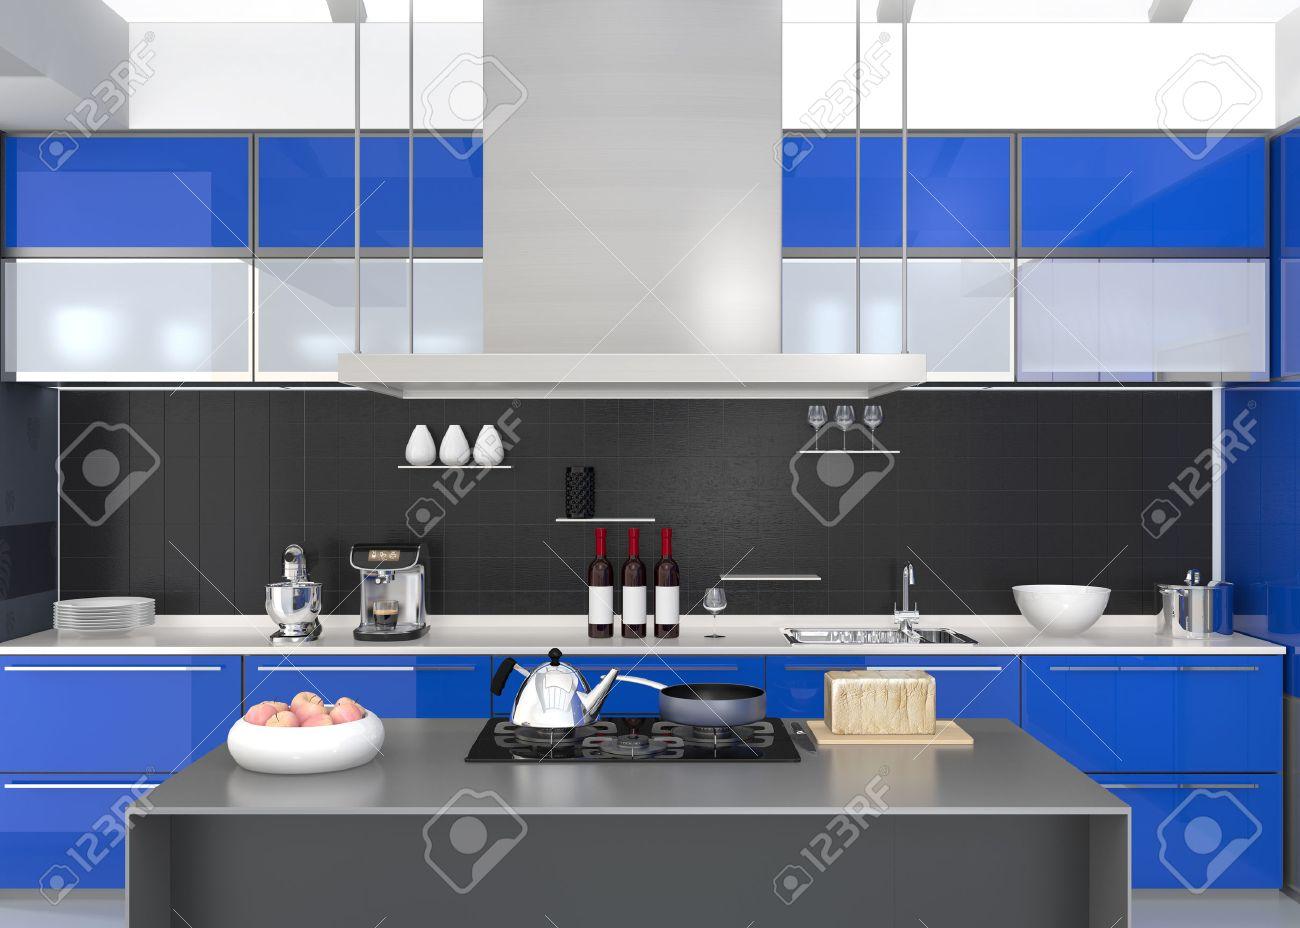 Moderne Küche Interieur Mit Intelligenten Geräten In Der Blauen ...